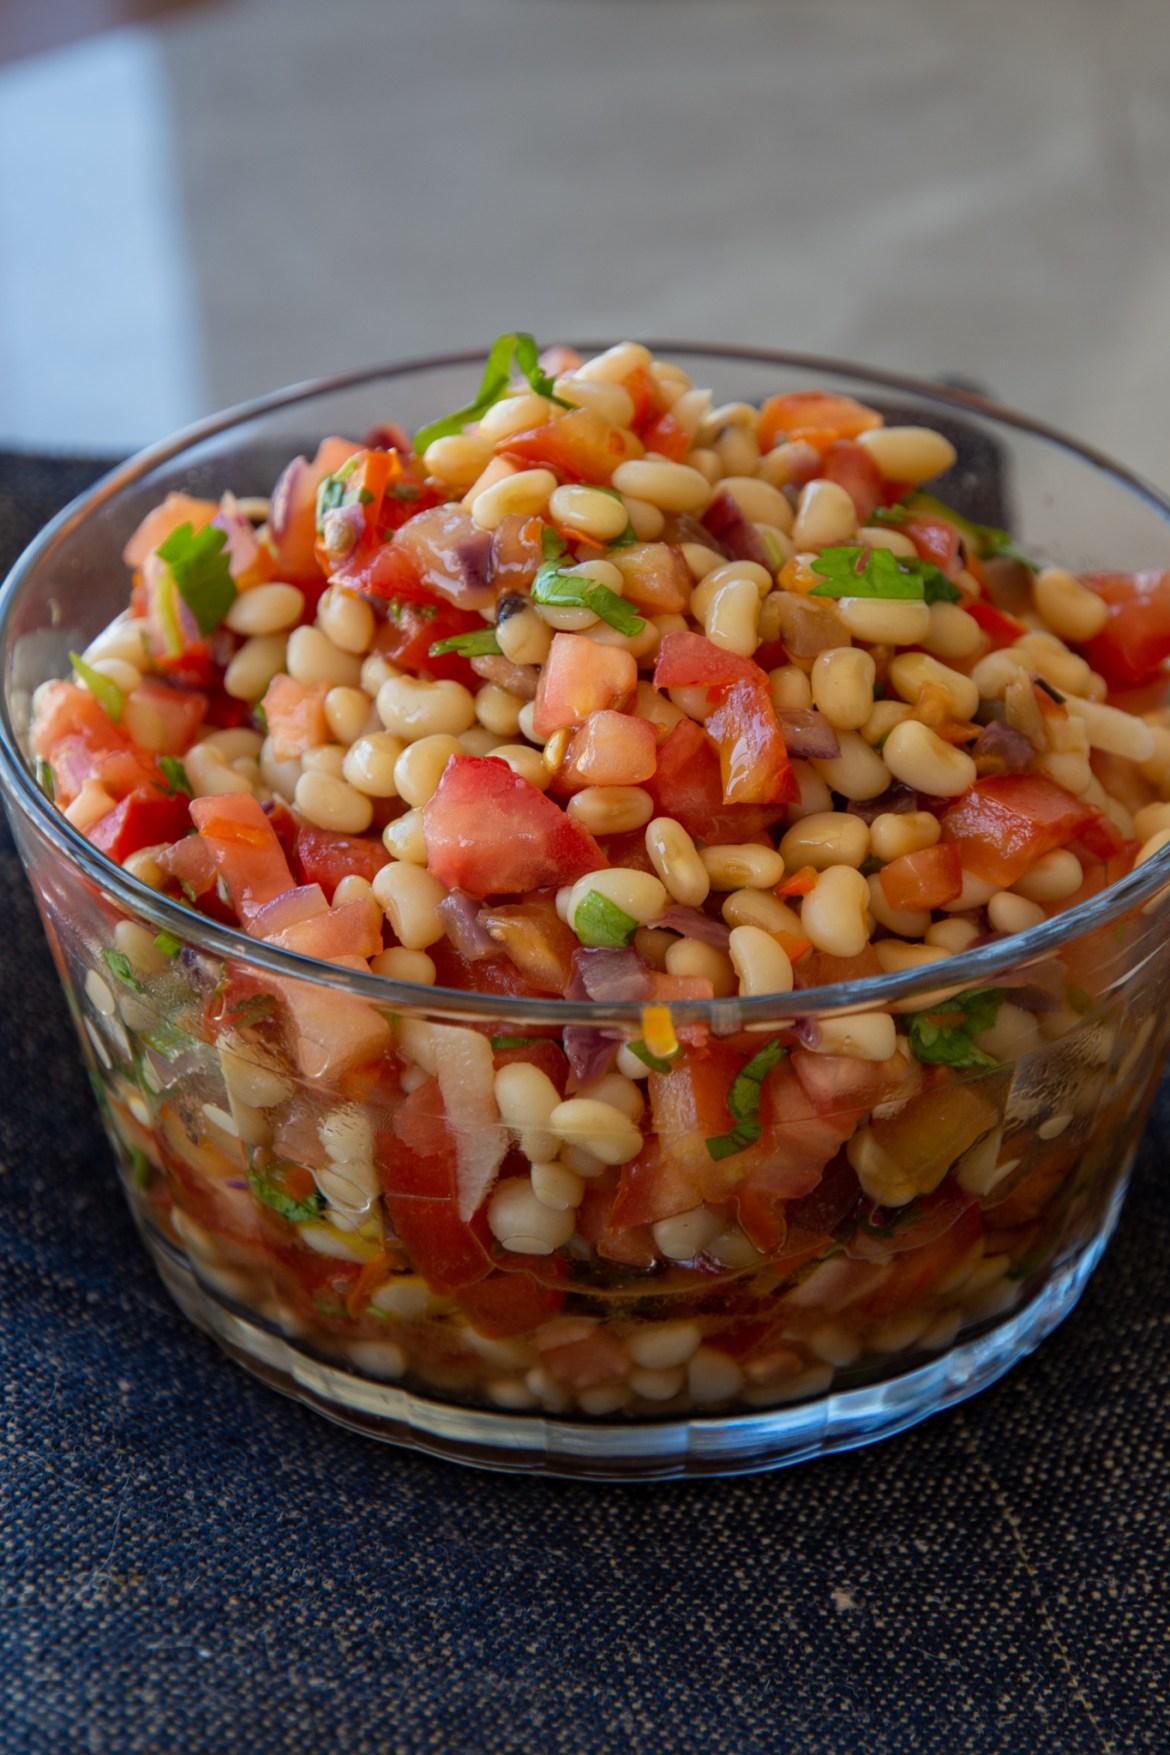 como fazer salada de feijao fradinho